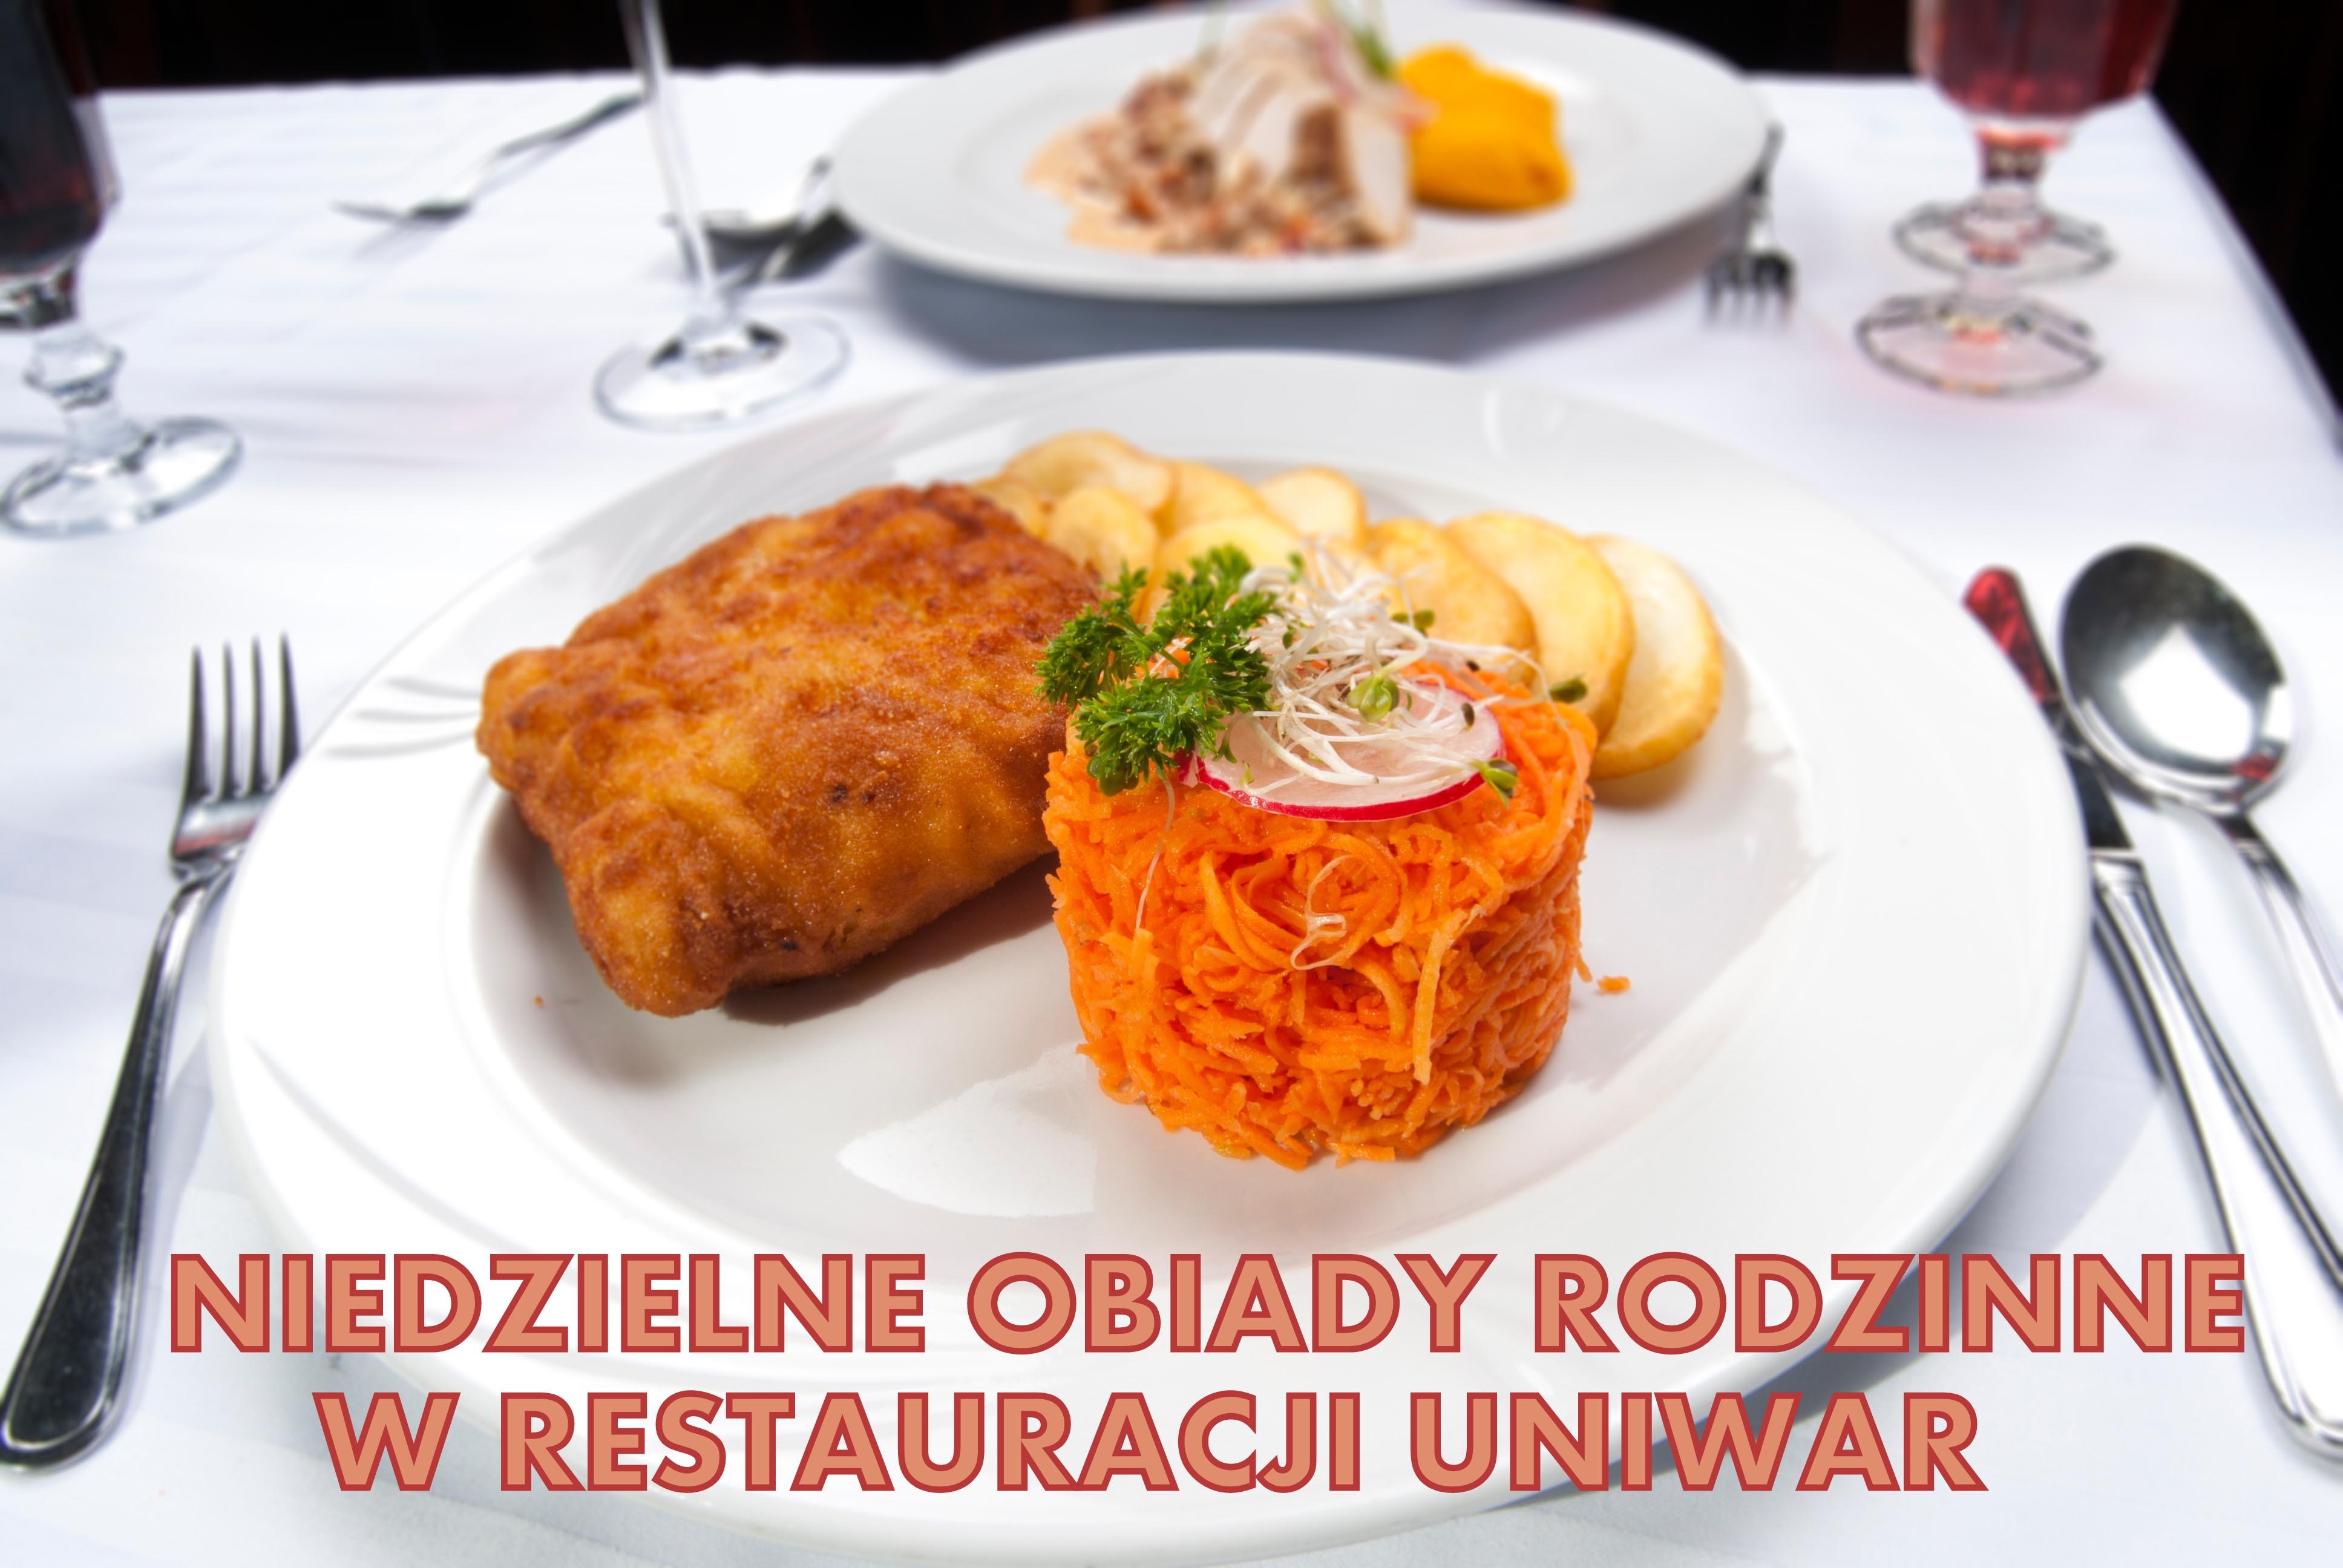 niedzielne obiady w uniwarze